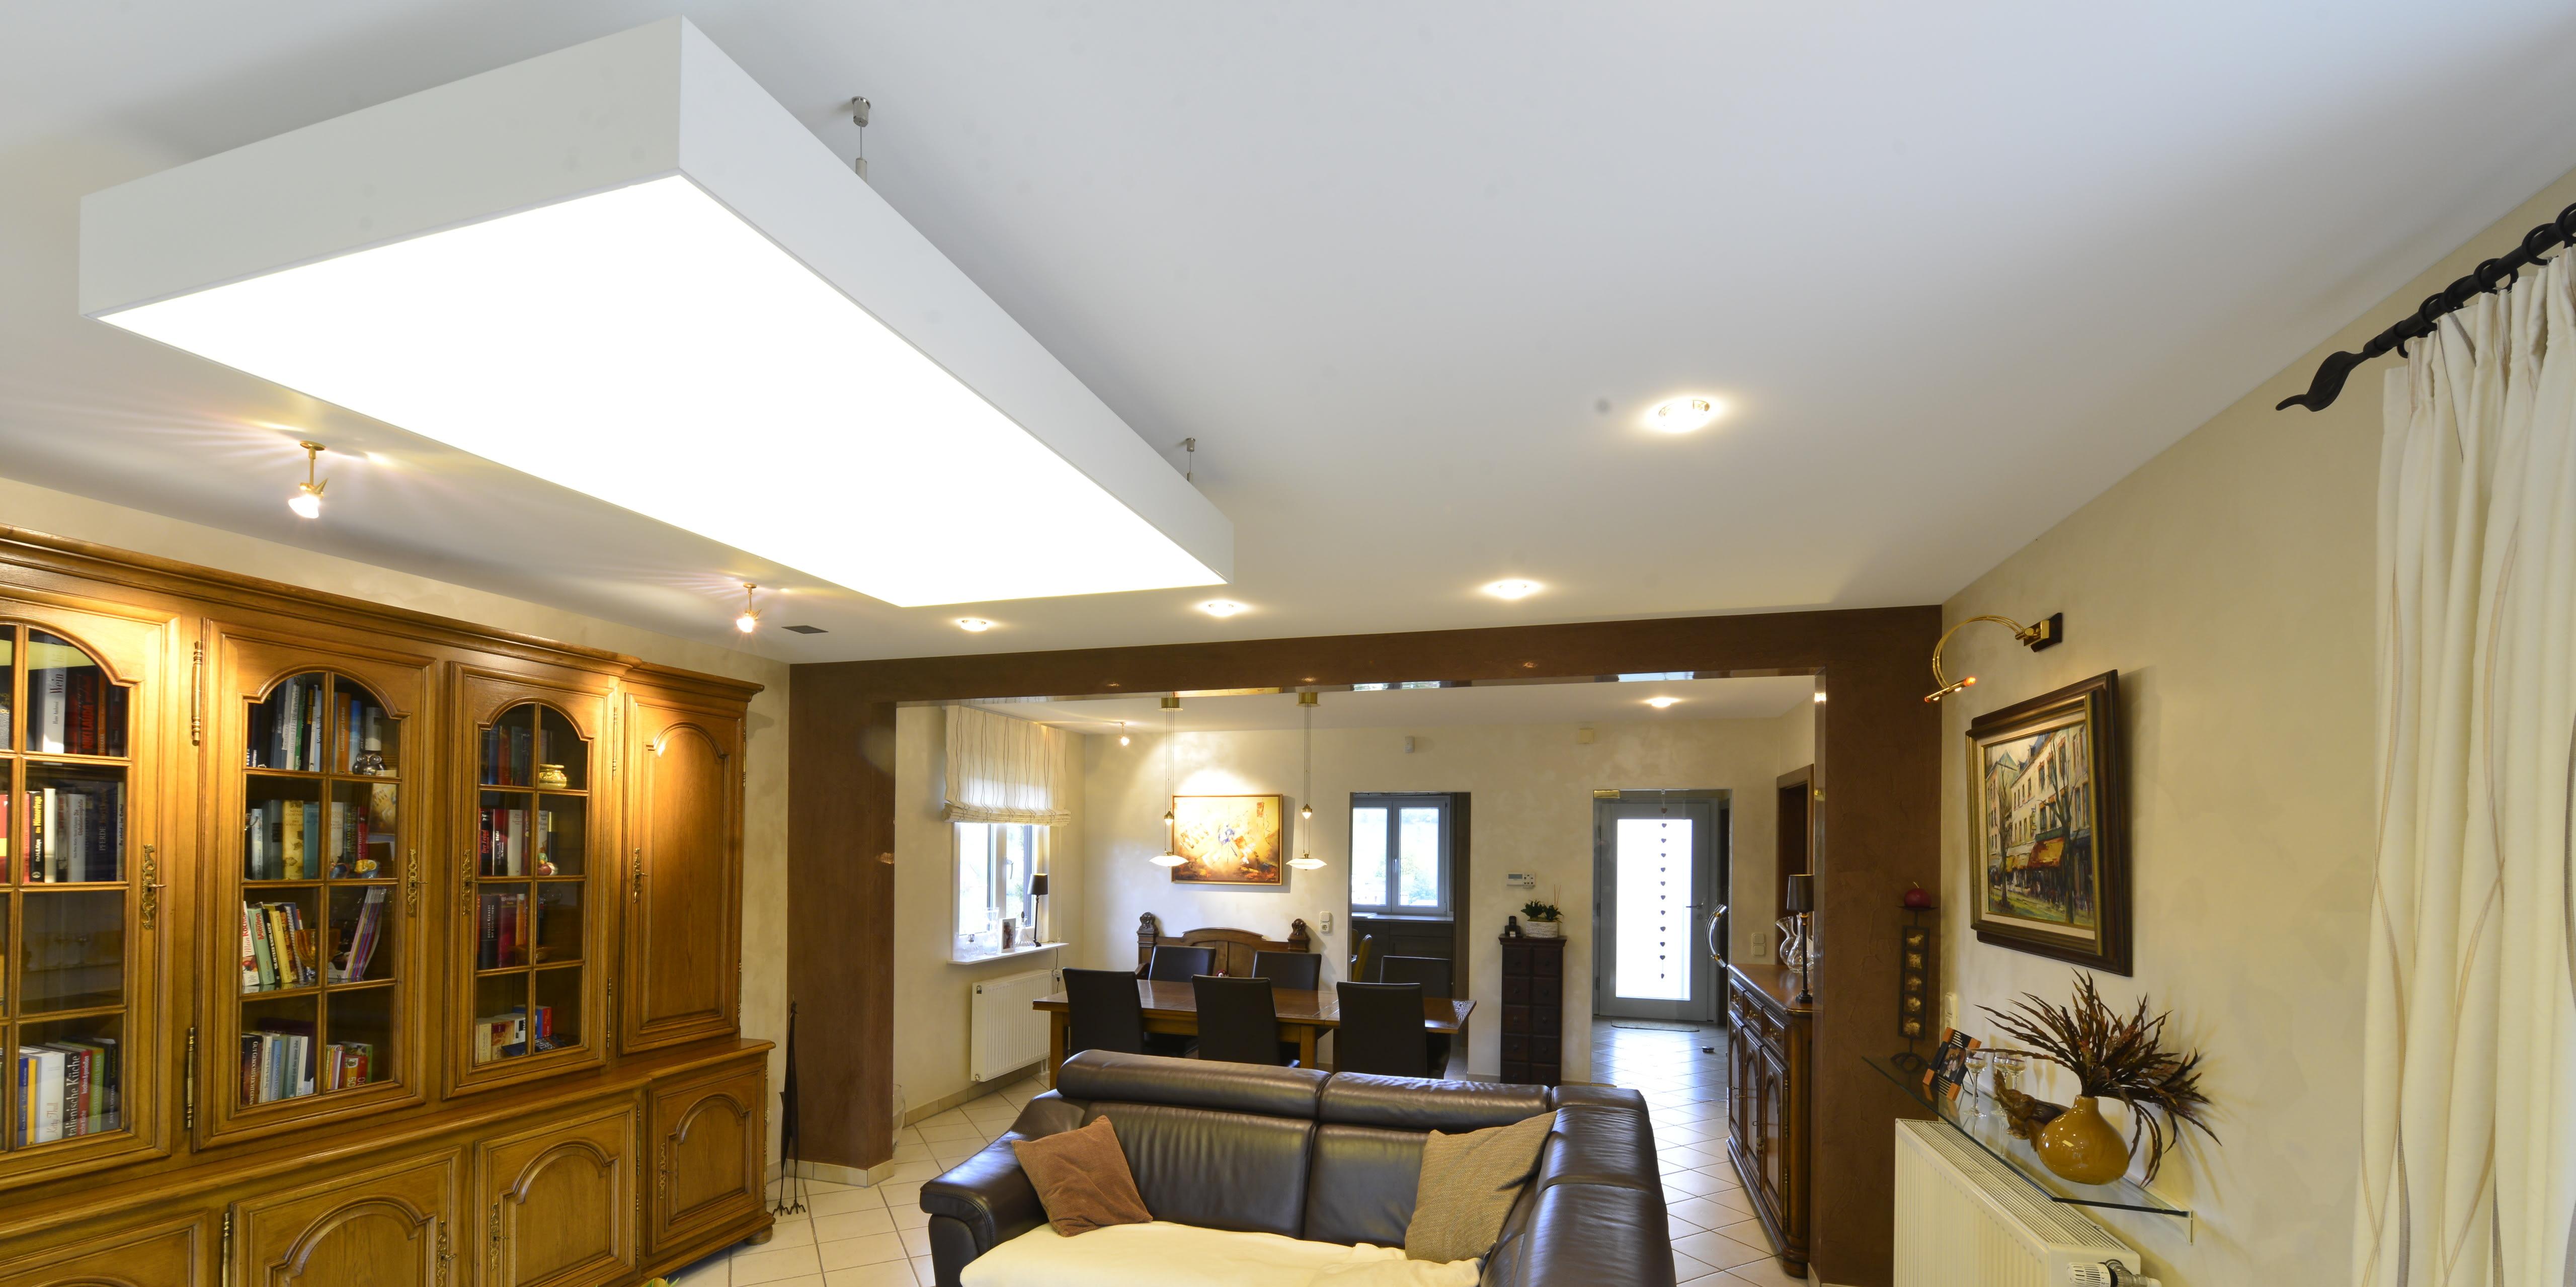 Deckenelement im Wohnbereich schränke in braunen Tönen